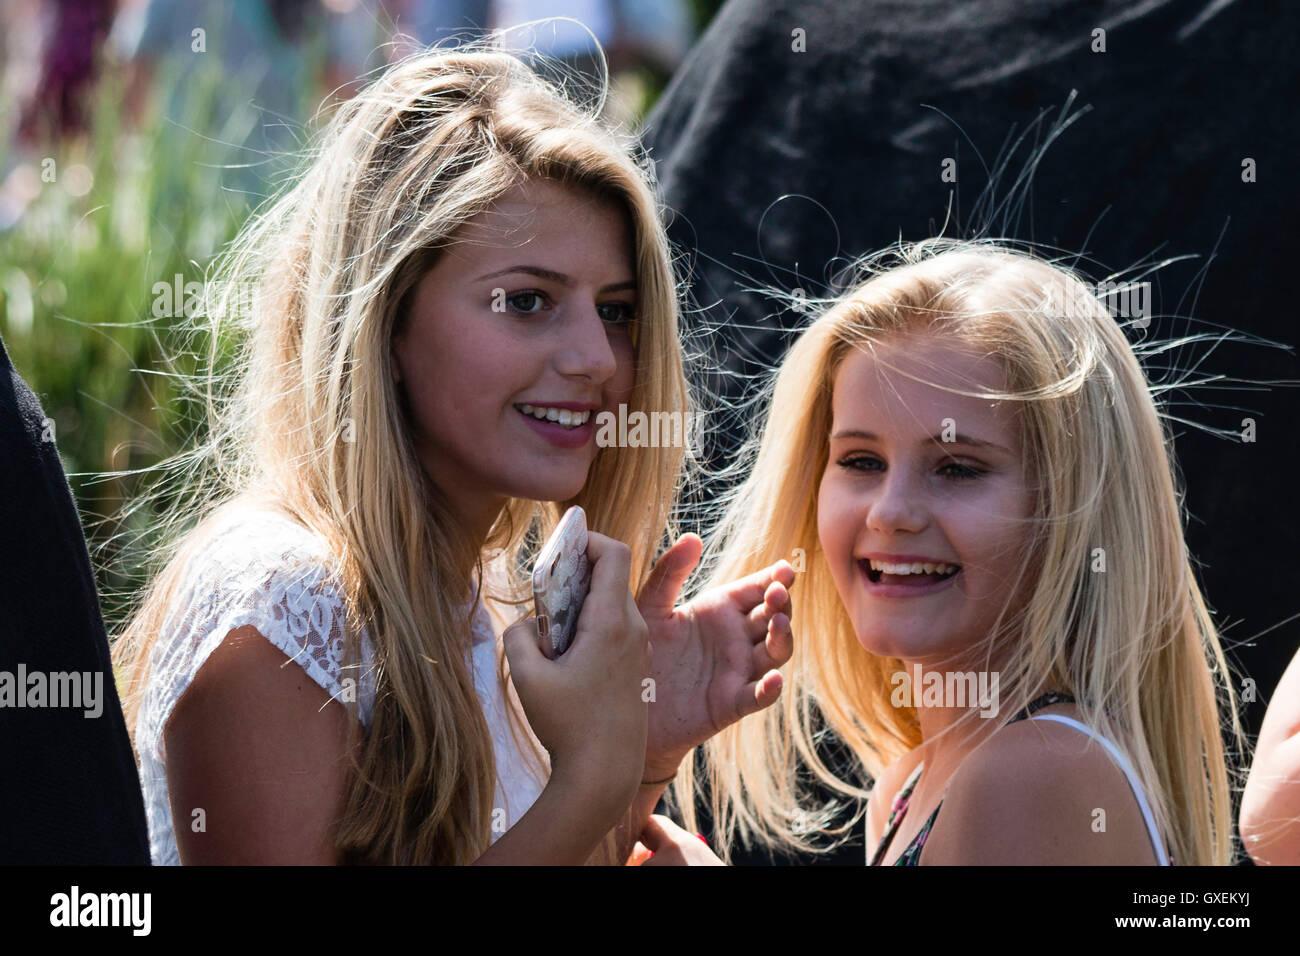 Zwei blonde Mädchen, 13-14 Jahre alt, beide drehten ihre Köpfe zu Gesicht beim Lachen, Sonnenlicht, ihr Stockbild